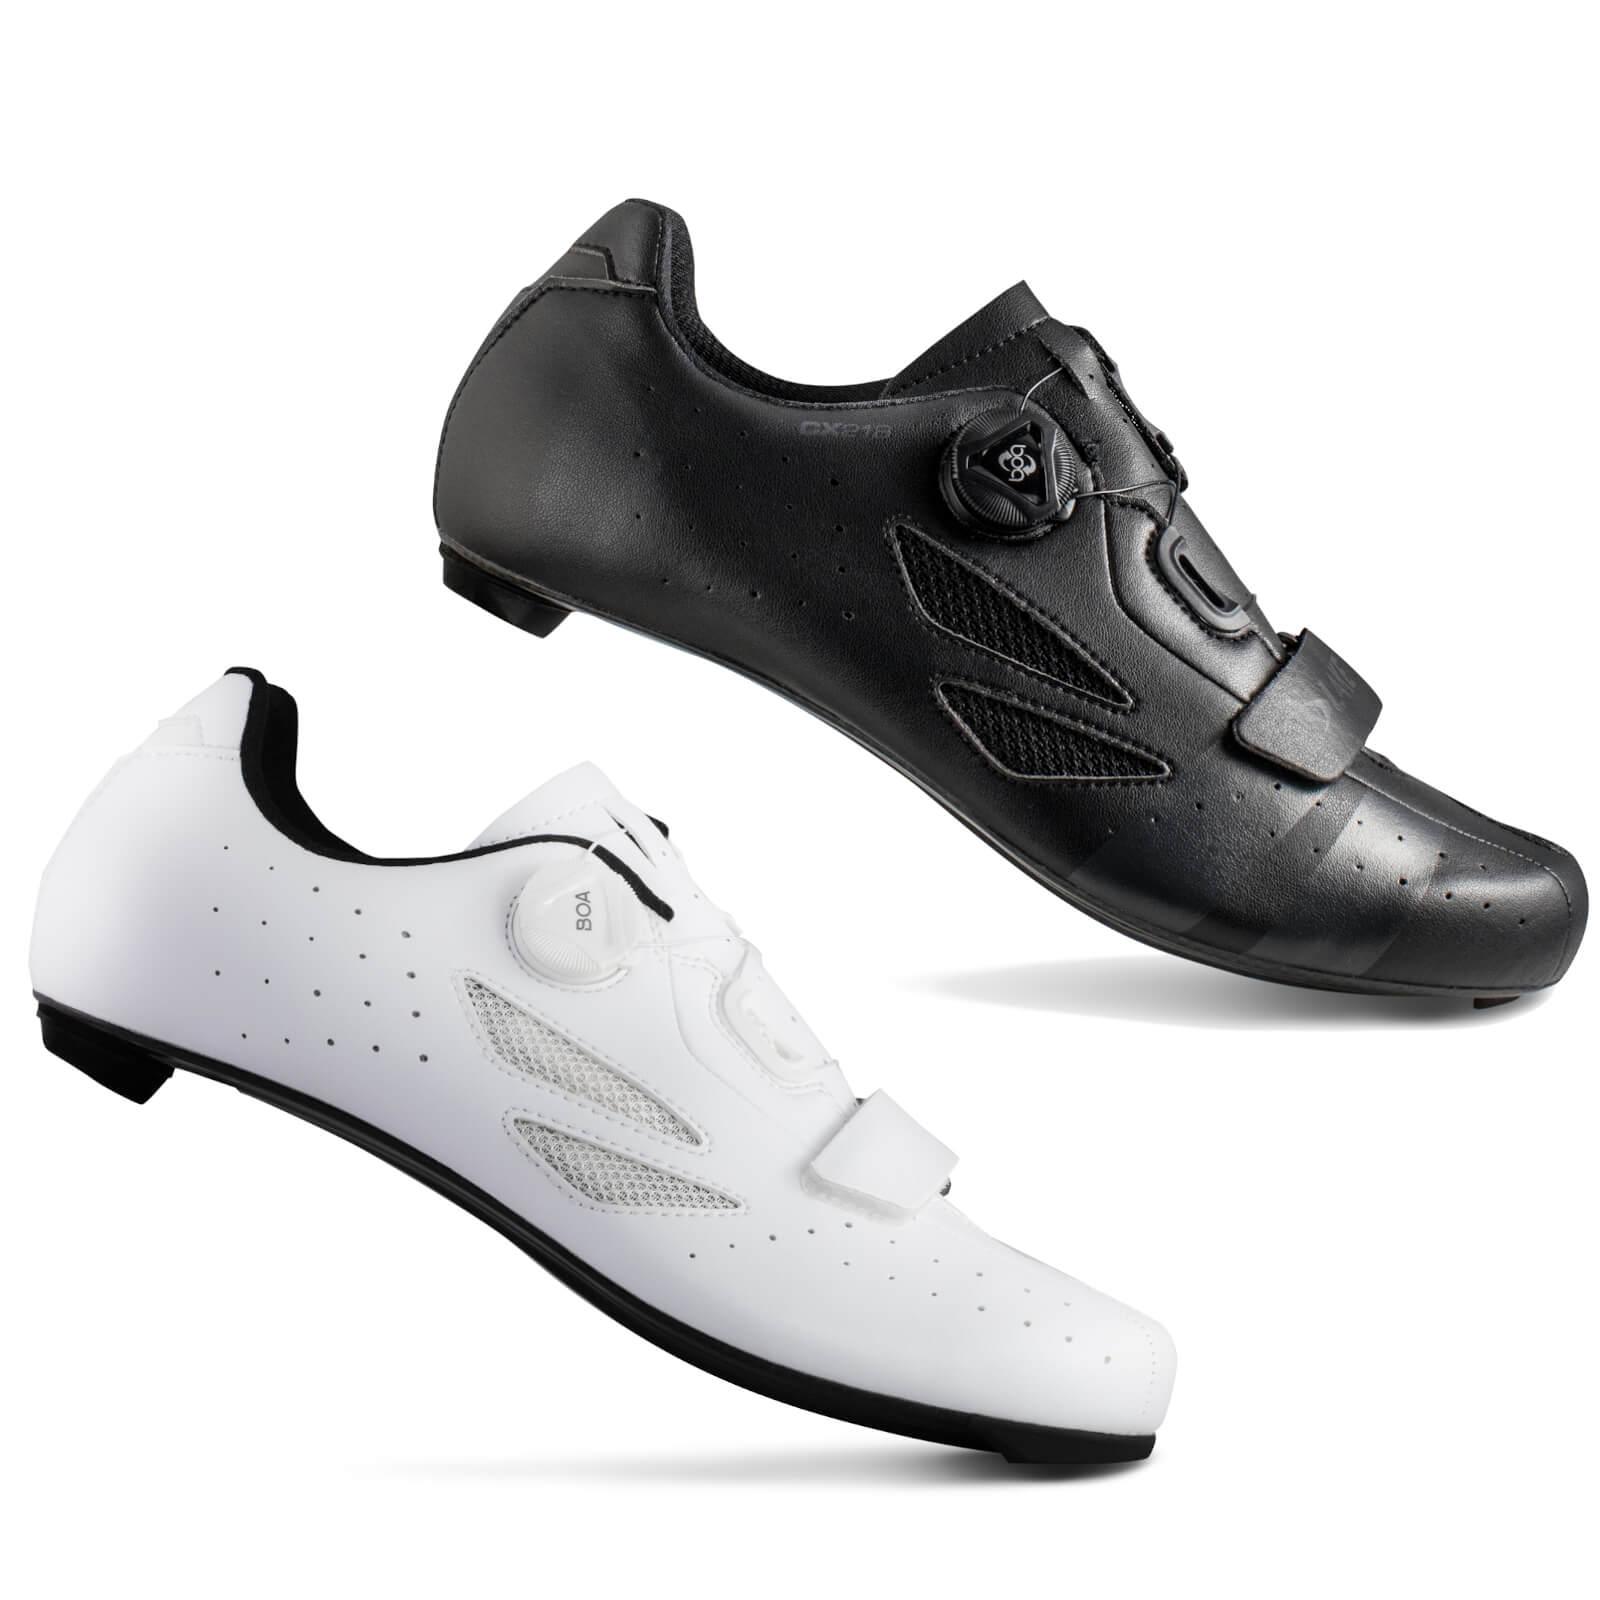 Lake CX218 Carbon Road Shoes - EU 46.5 - Black/Grey